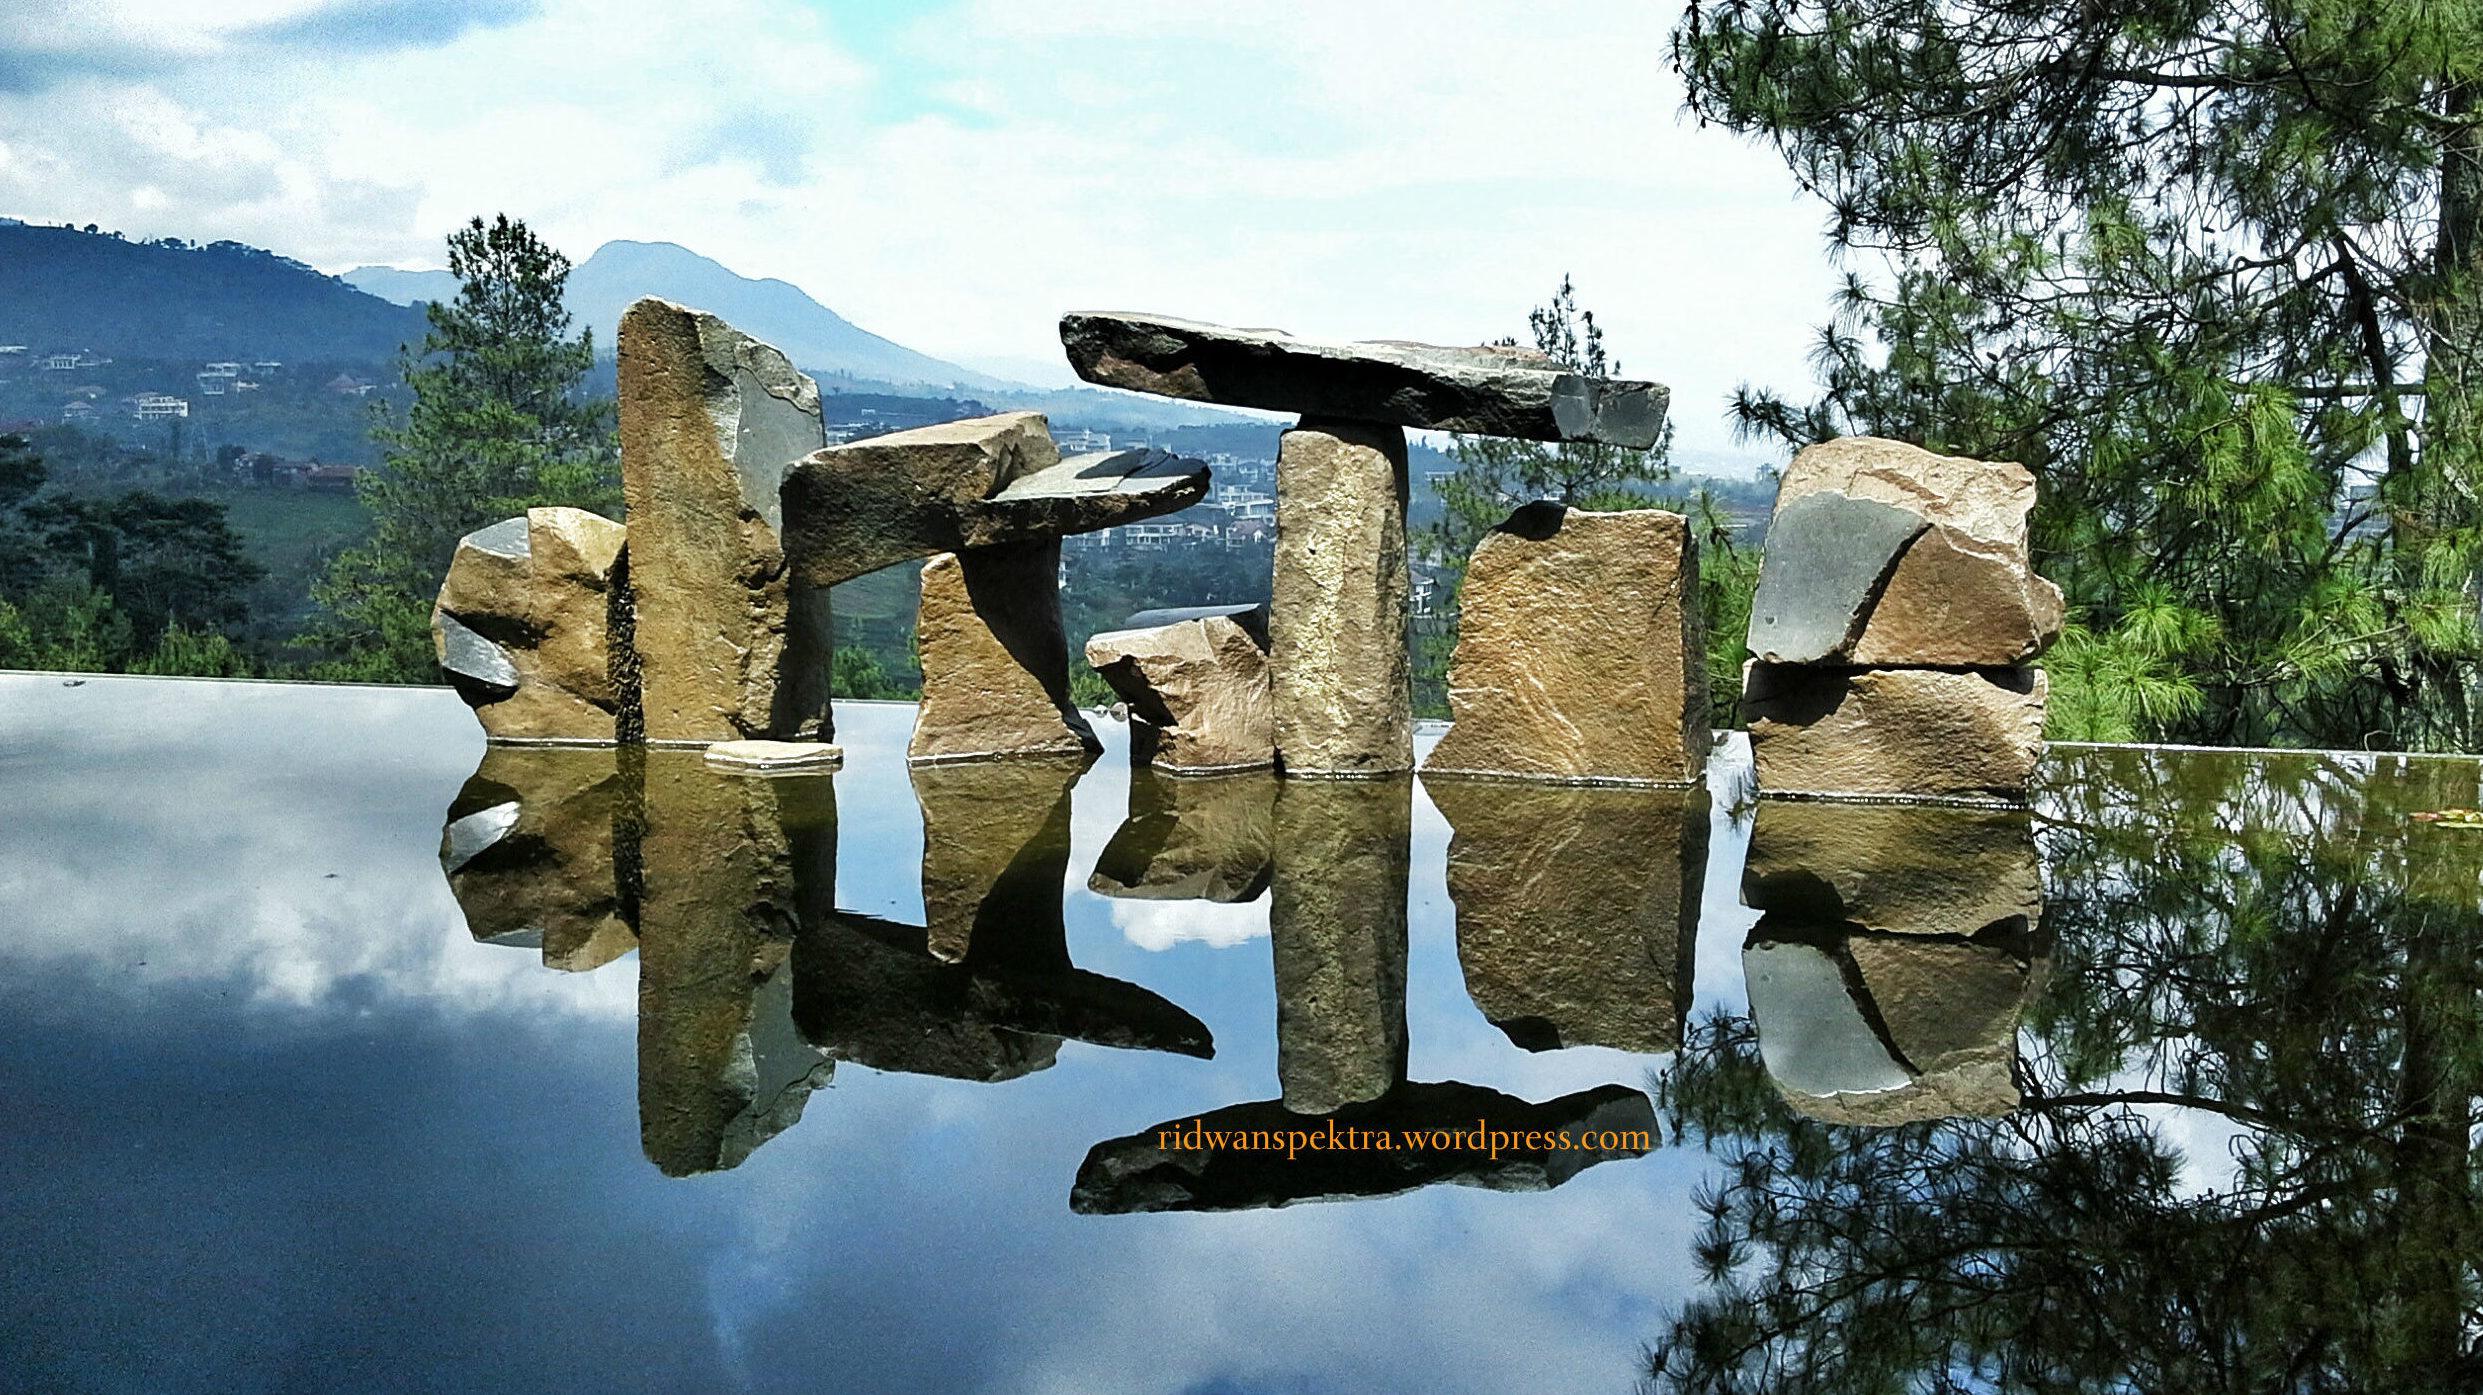 wisata wot batu